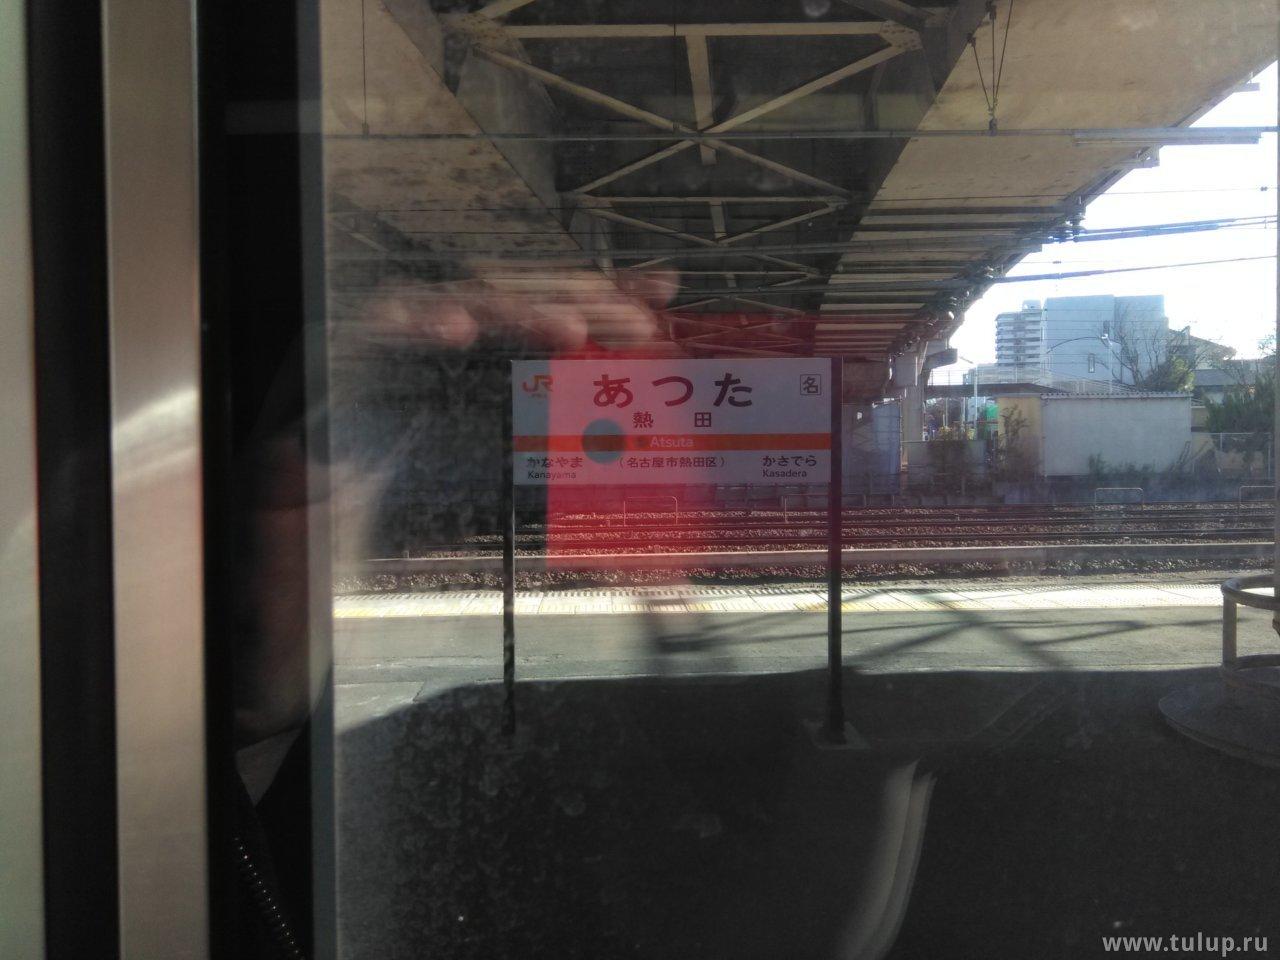 Следующая станция — Nippon Shi Hall